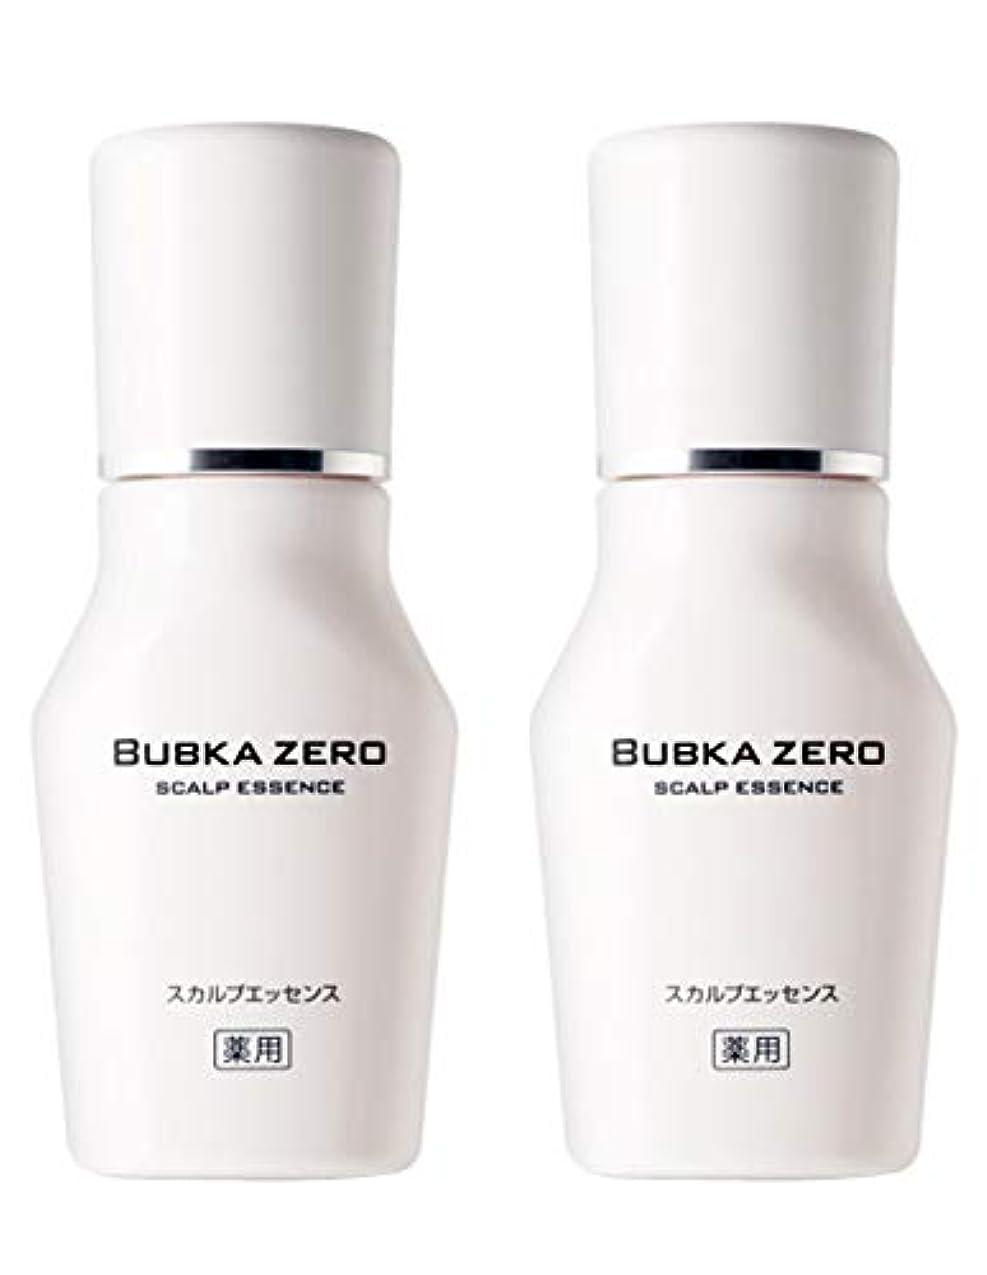 高める特殊笑い【医薬部外品】BUBKA(ブブカ)薬用 スカルプエッセンス 育毛剤 BUBKA ZERO (ブブカ ゼロ)2本セット